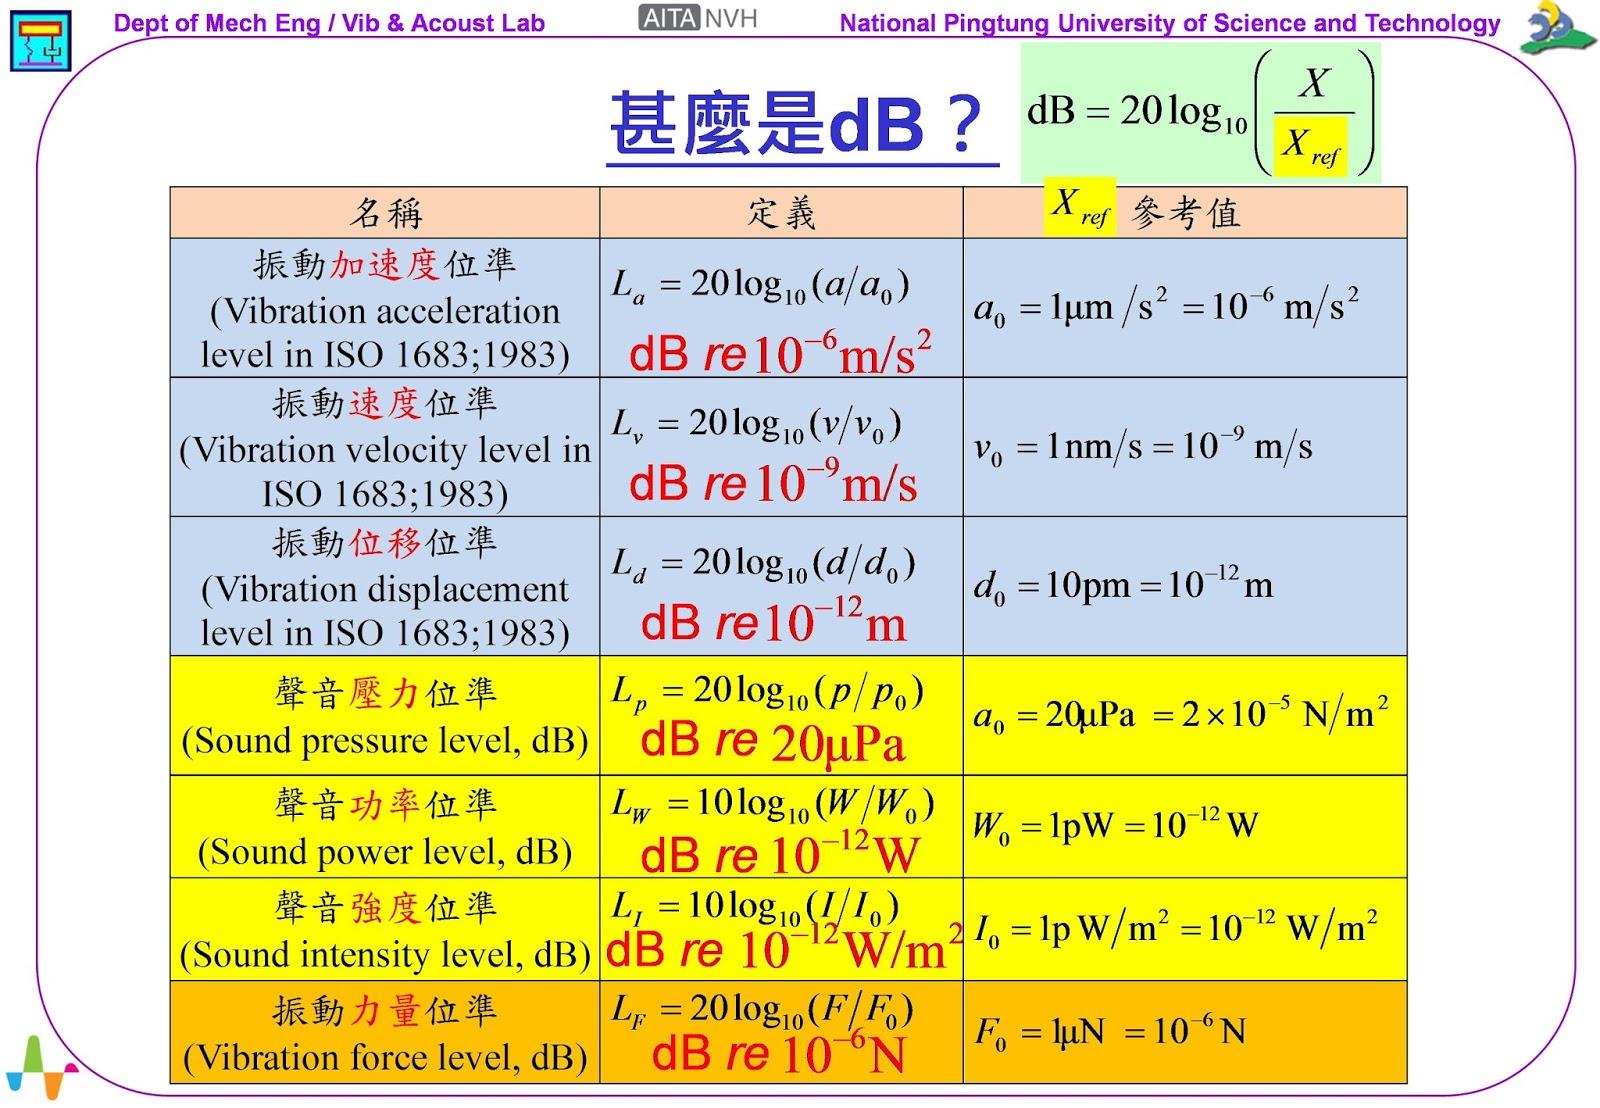 《振動噪音科普專欄》甚麼是dB? ~ 振動噪音產學技術聯盟